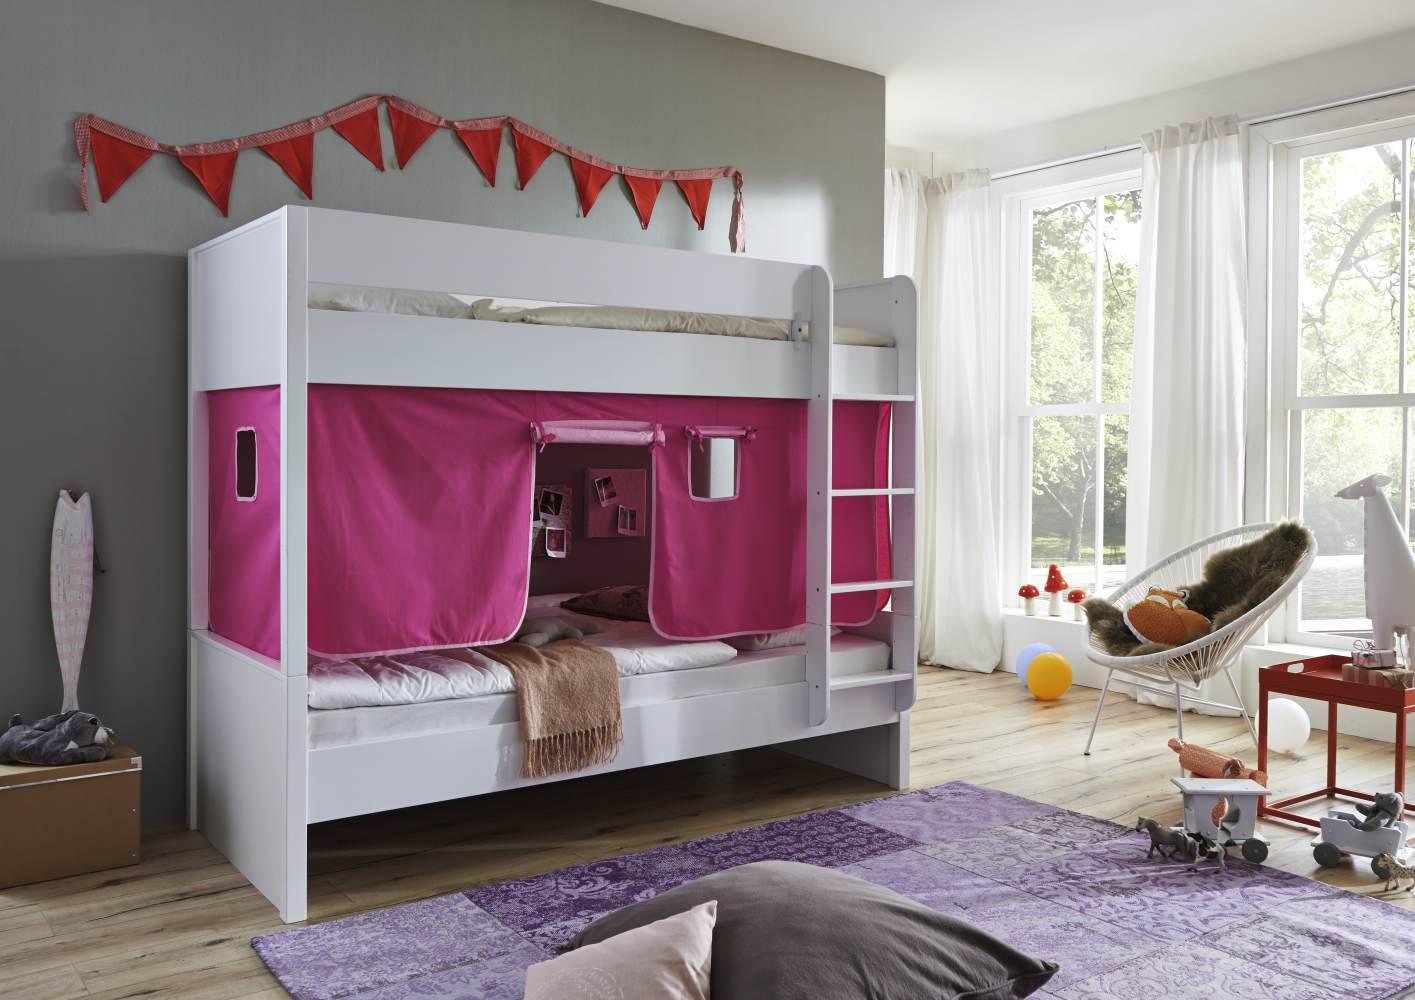 Relita 'Luka' Etagenbett 90x200 cm weiß lackiert mit Vorhang pink/rosa Bild 1